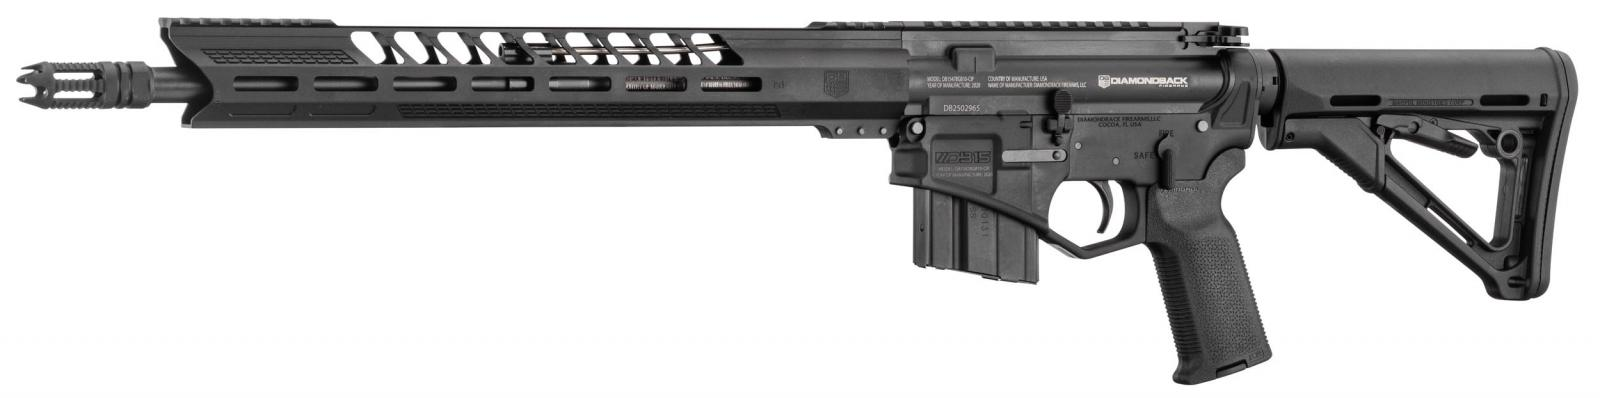 Carabine DIAMONDBACK DB15 EMLD 7,62x39 mm